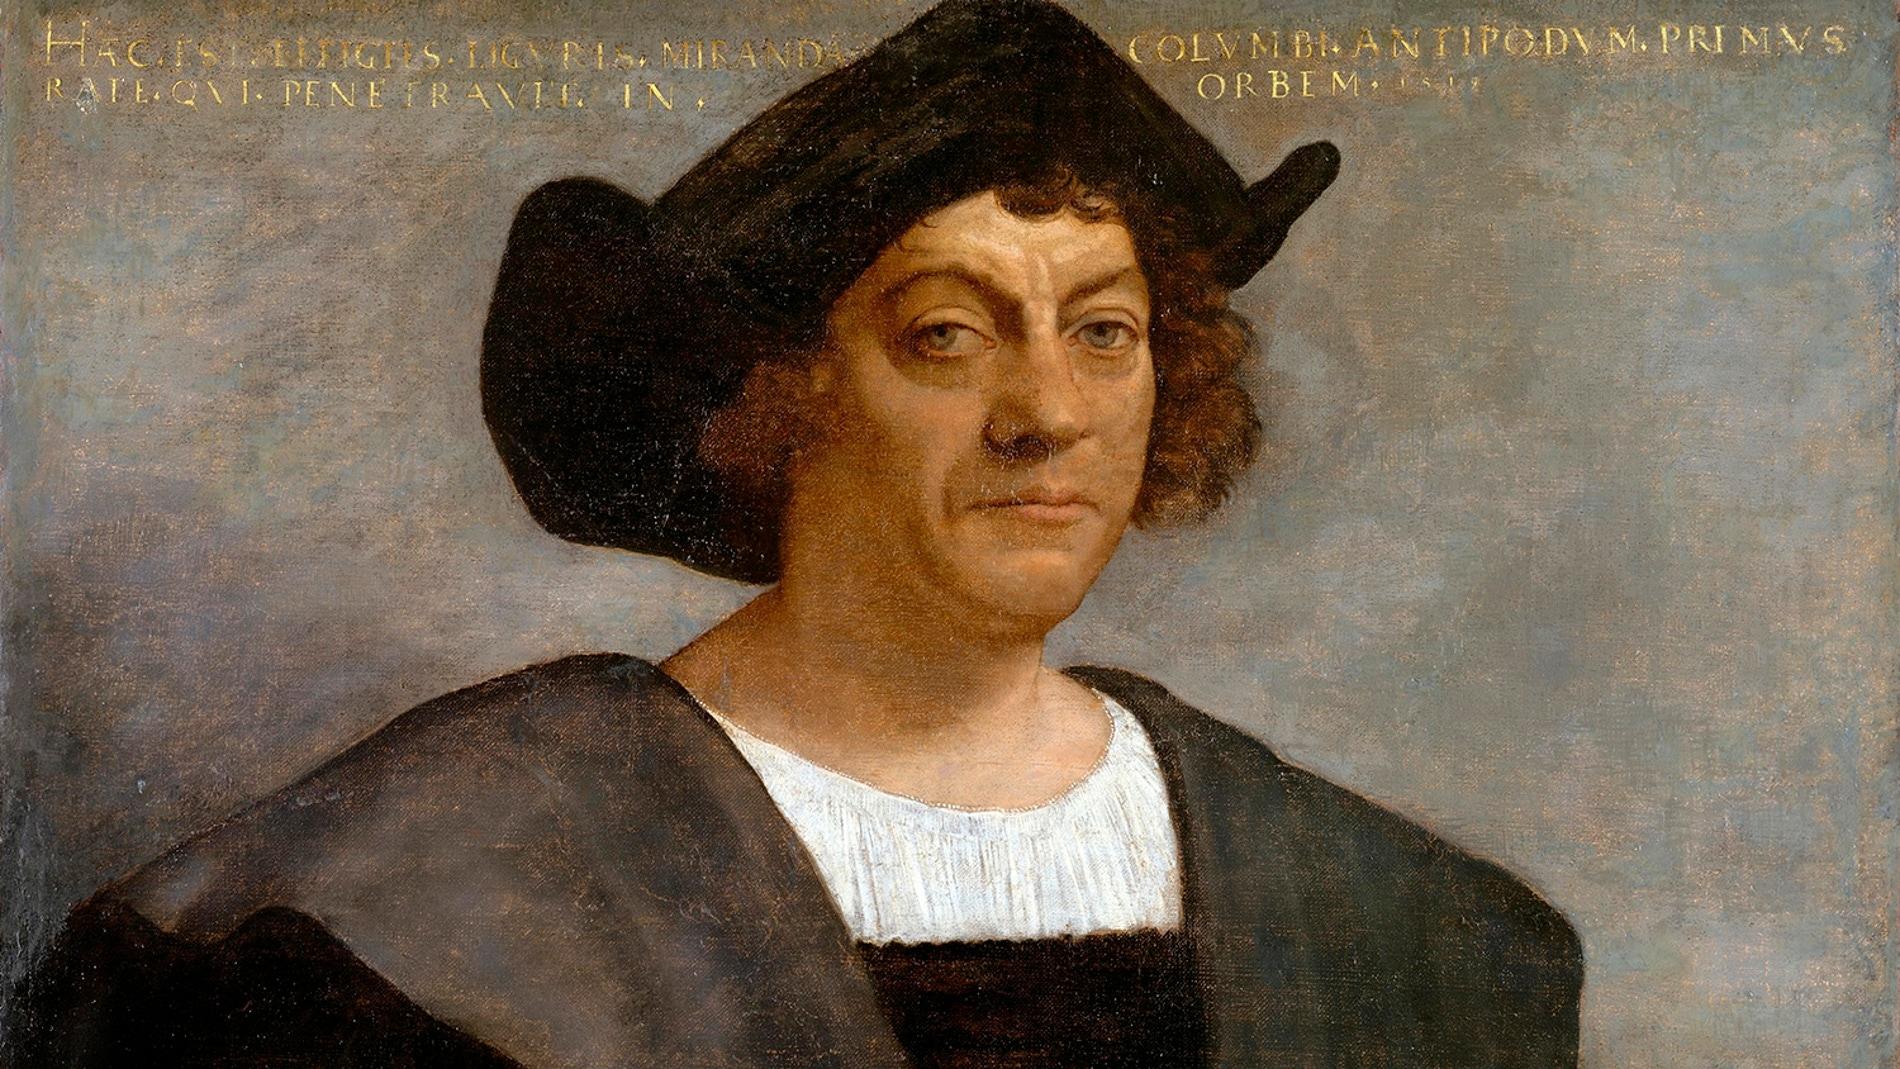 Posible retrato de Colón